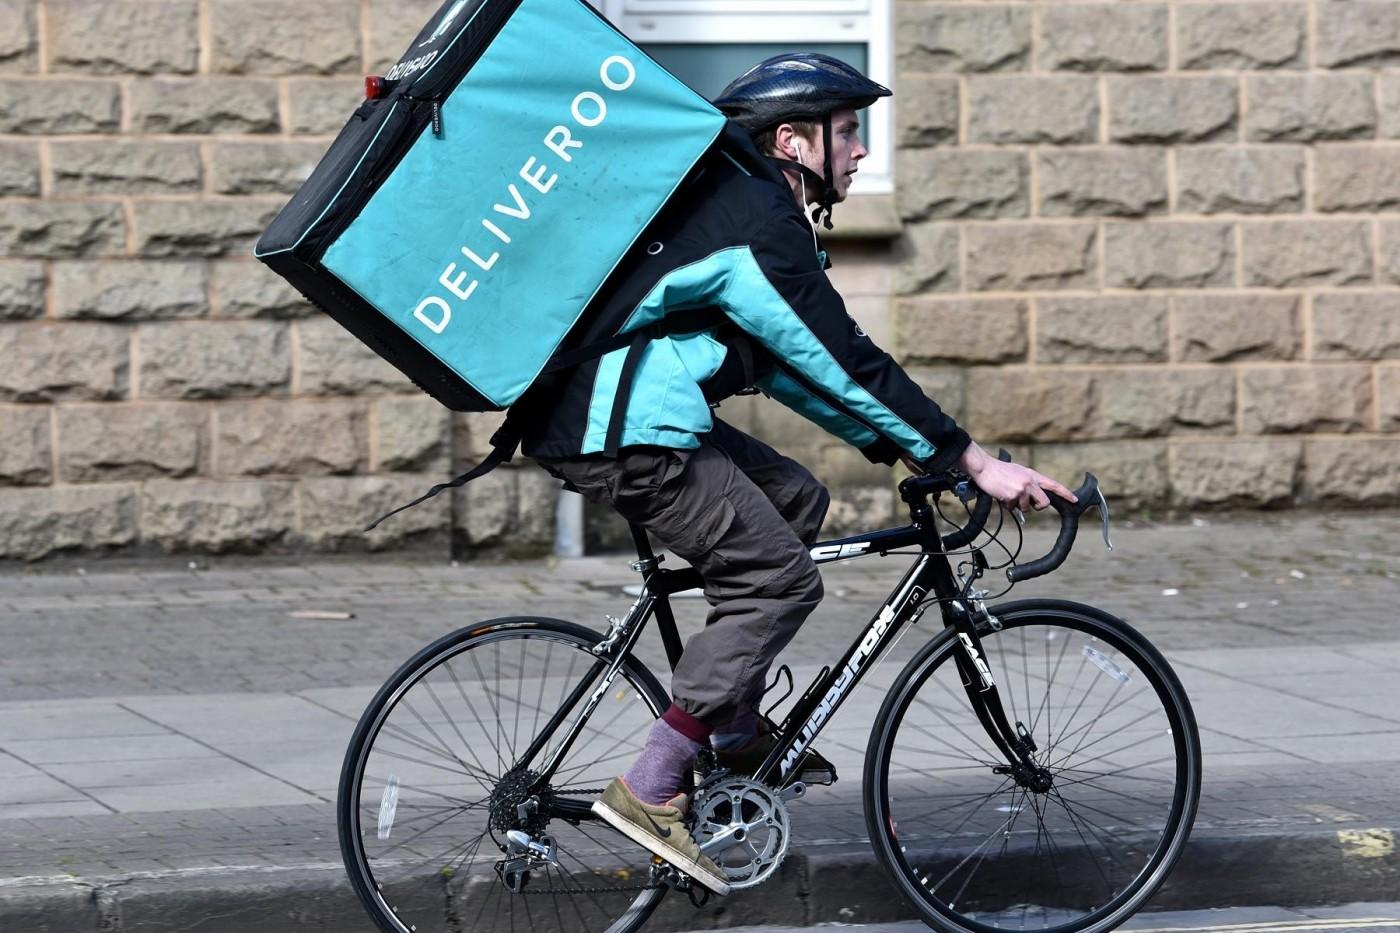 外送市場震撼彈!主攻高級送餐服務Deliveroo宣布將進軍台灣